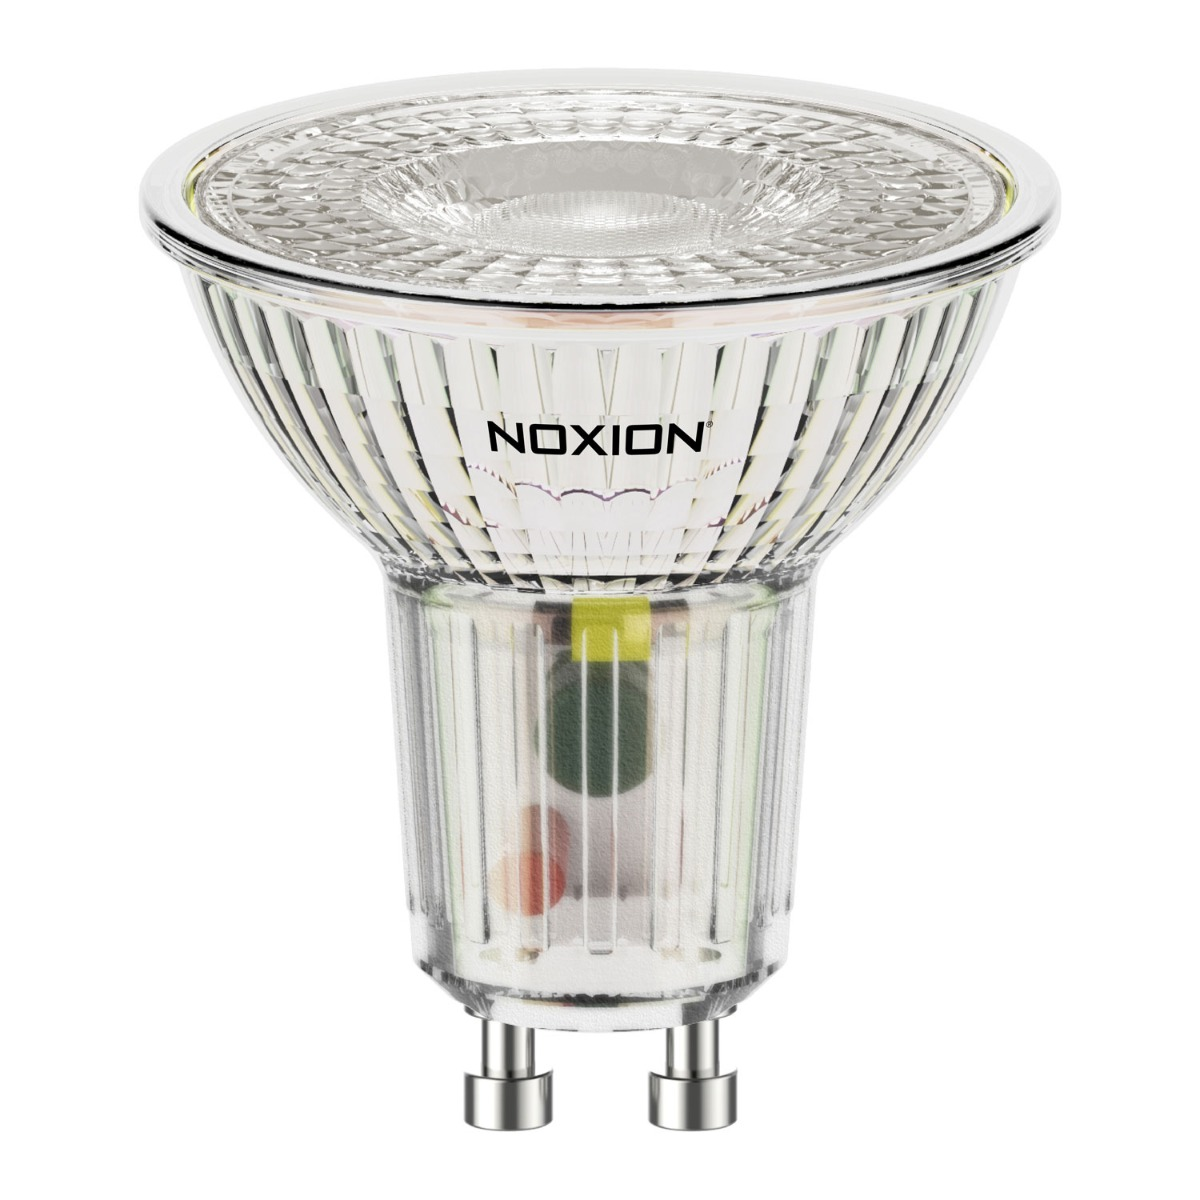 Noxion LED Spot GU10 4W 827 36D 390lm | Zeer Warm Wit - Vervangt 50W